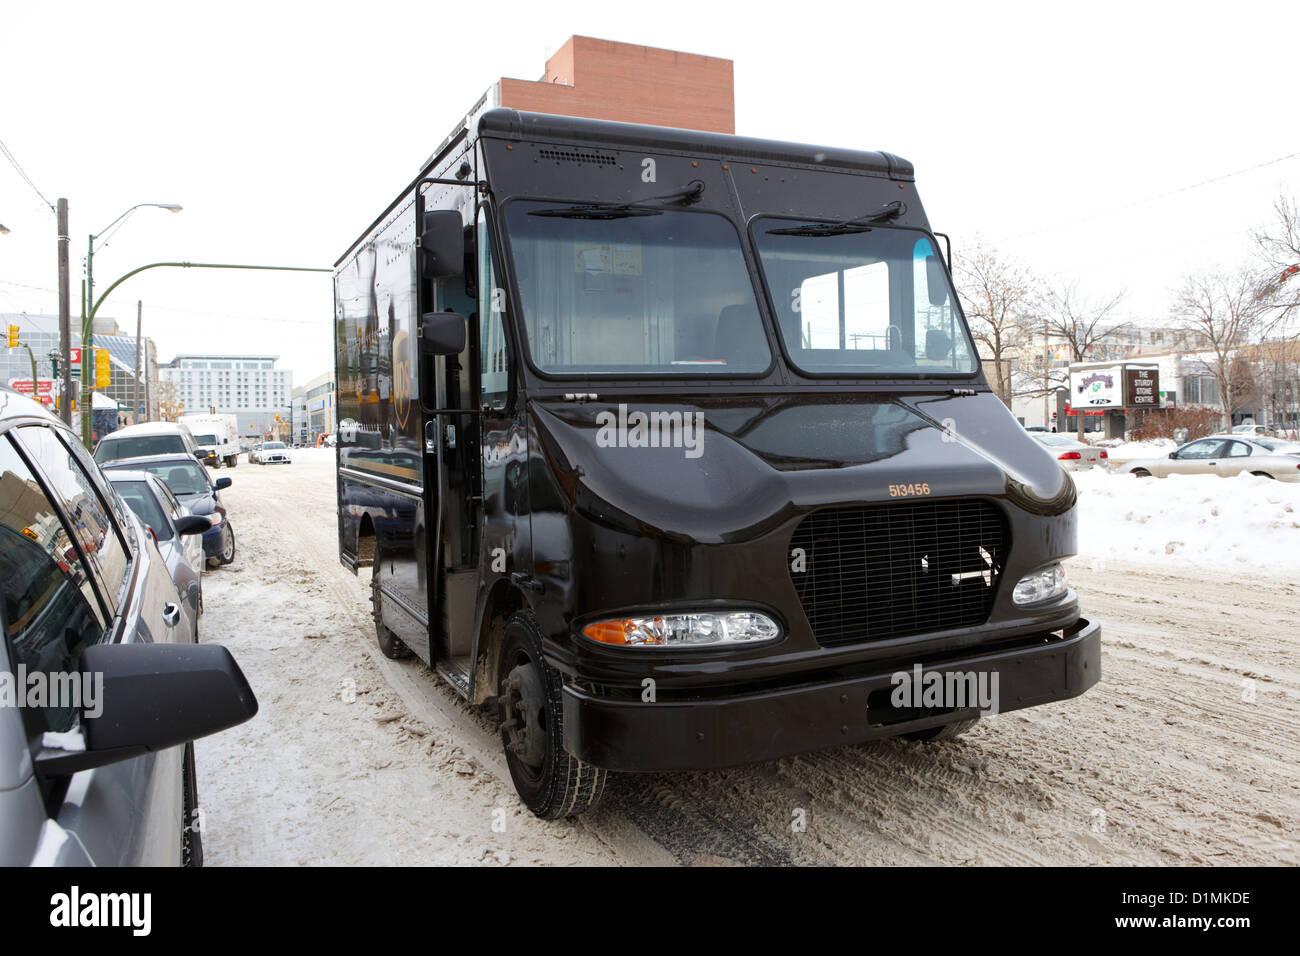 Consegna ups doppio carrello parcheggiato sulla strada in condizioni climatiche fredde Saskatoon Saskatchewan Canada Immagini Stock